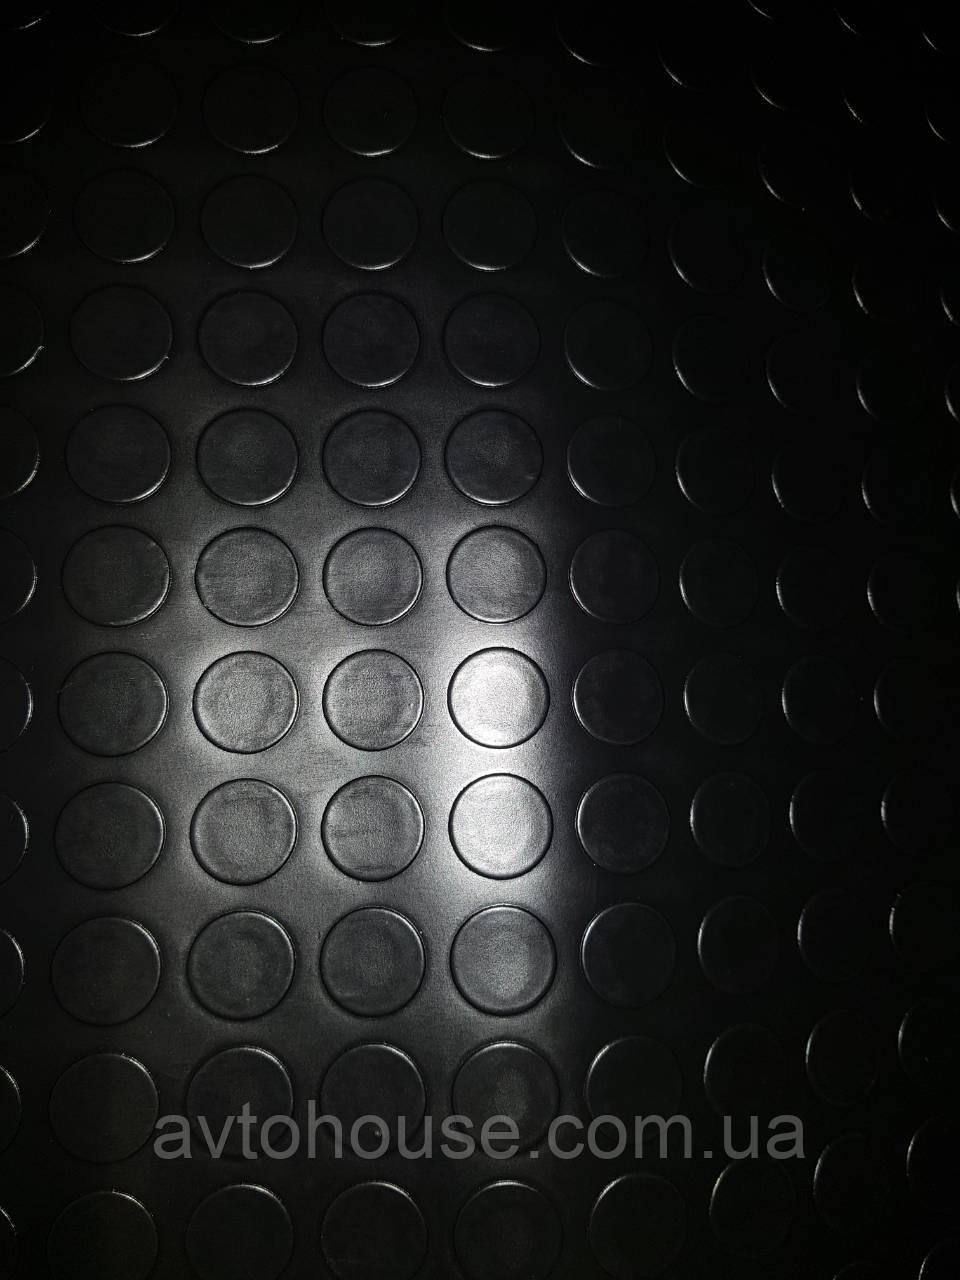 Линолеум автомобильный круг черный.